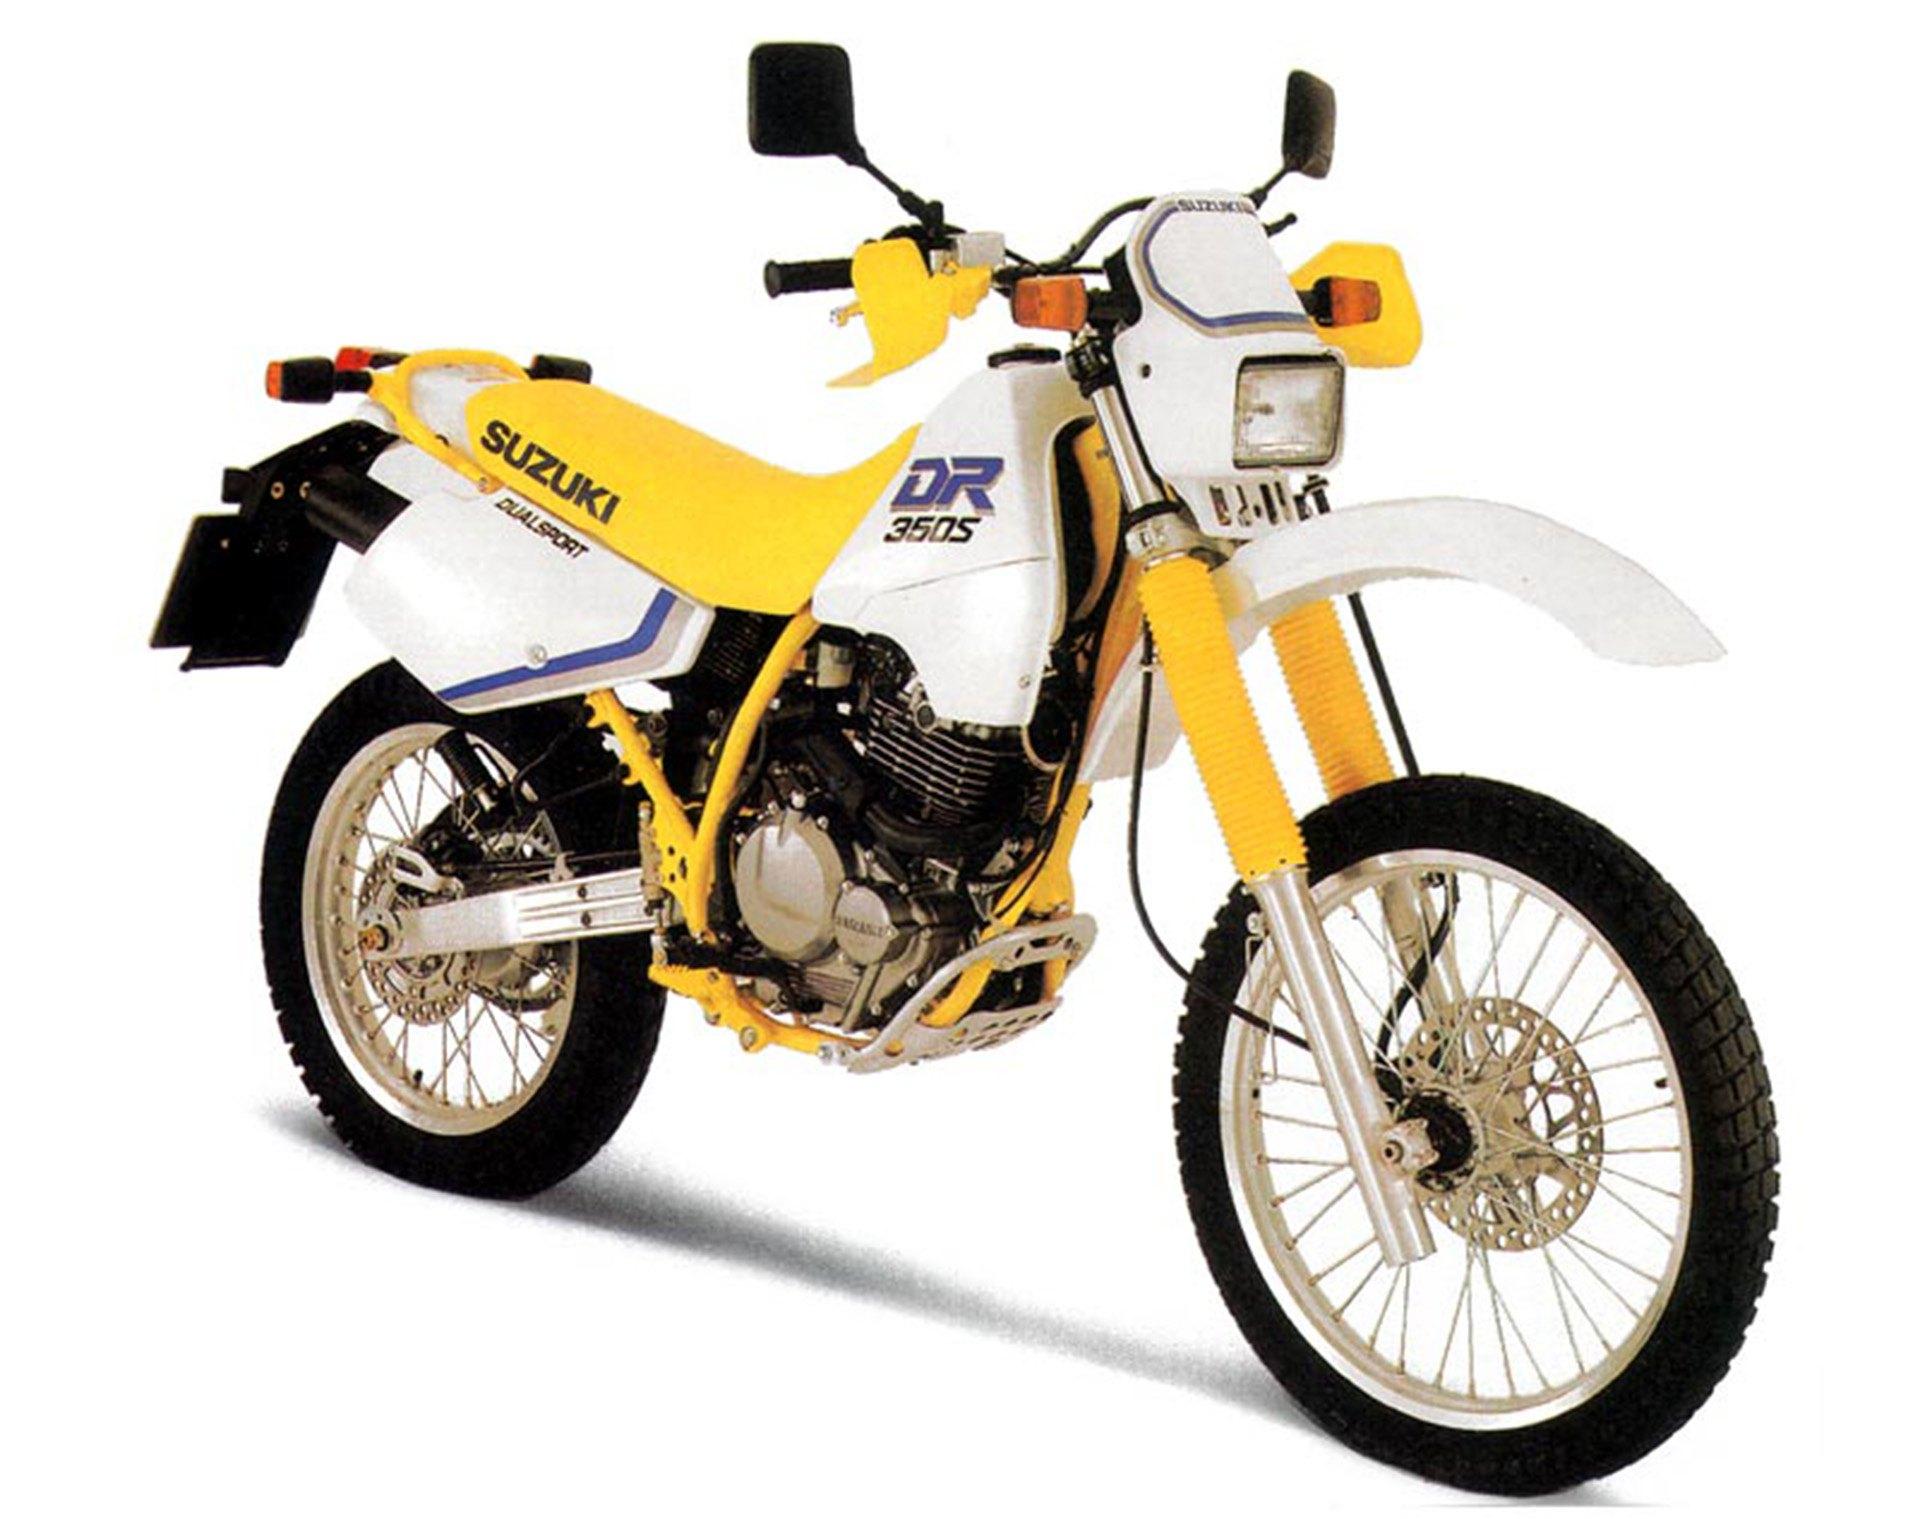 Moto del día: Suzuki DR 350 S